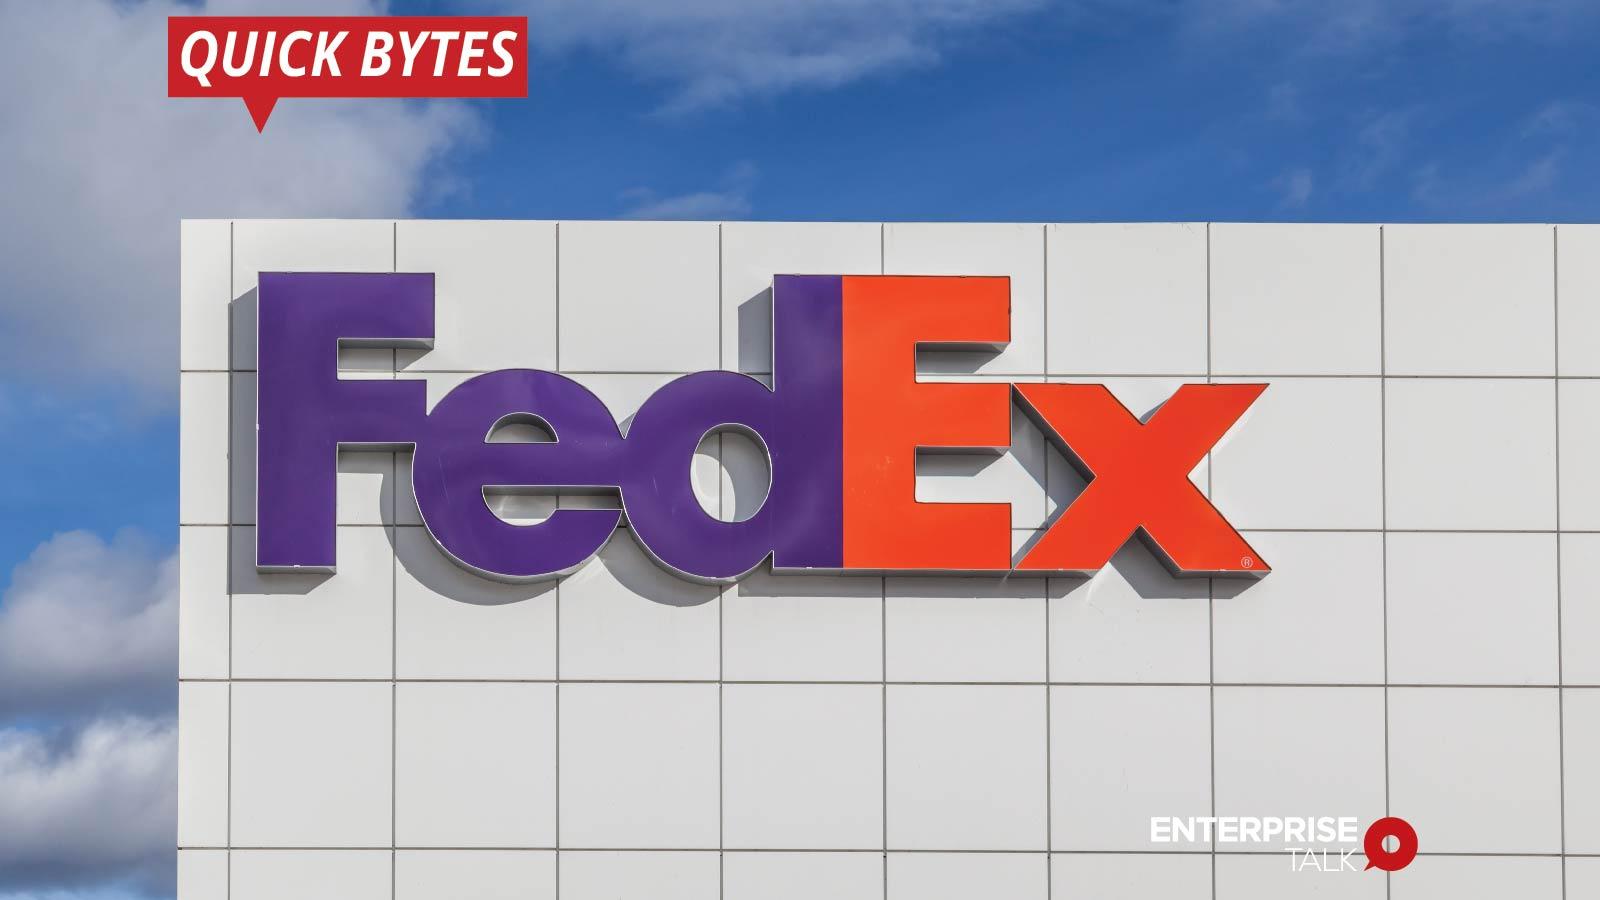 FedEx Squeezes Out Maximum Profit as E-commerce Deliveries Surge Due to Pandemic